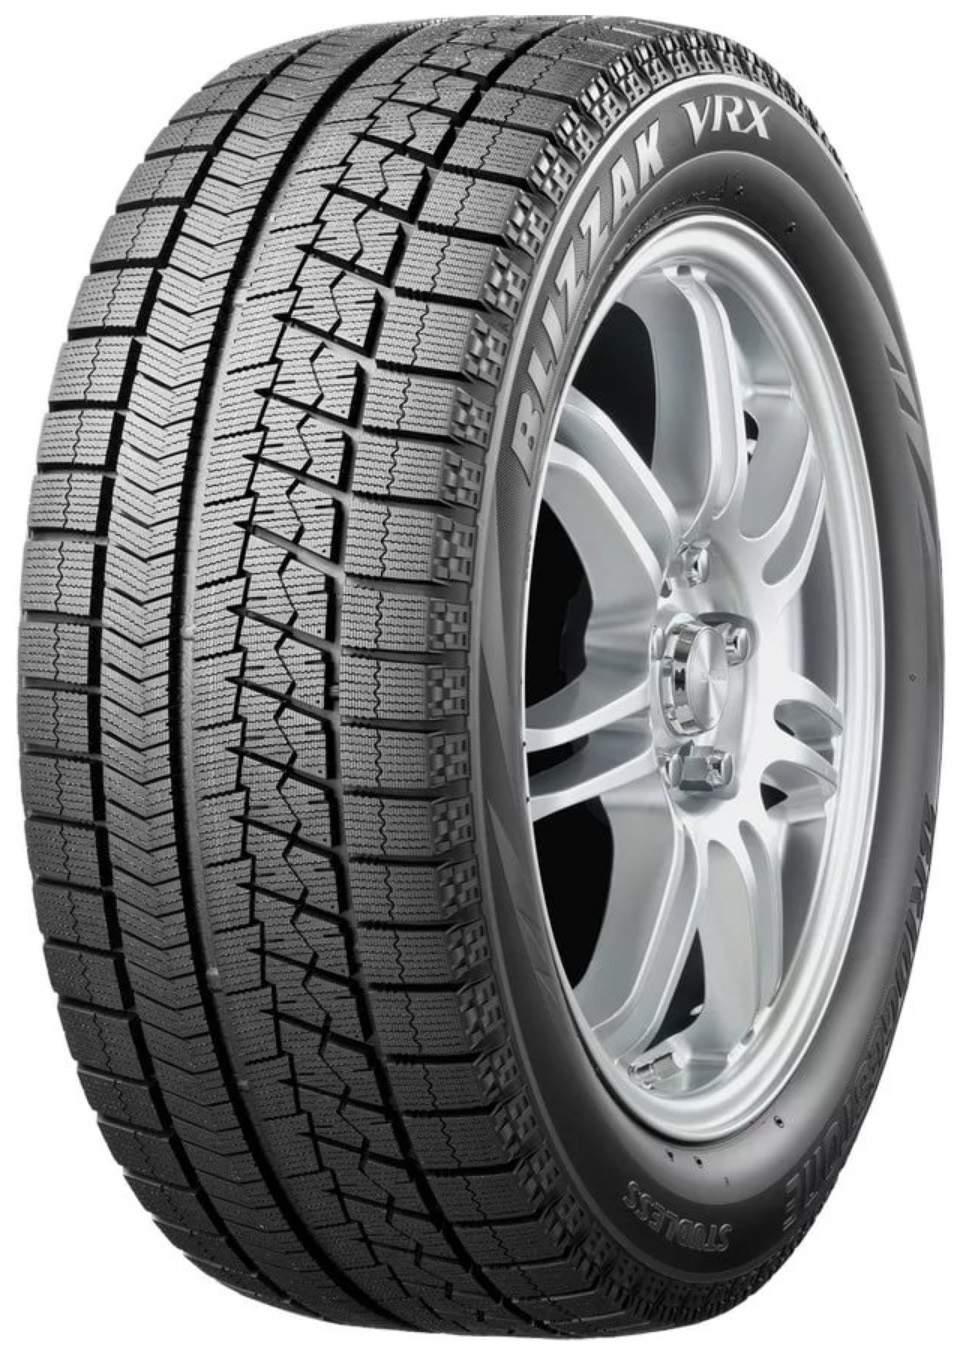 Автошина R13 175/70 Bridgestone Blizzak VRX 82S зима 11914